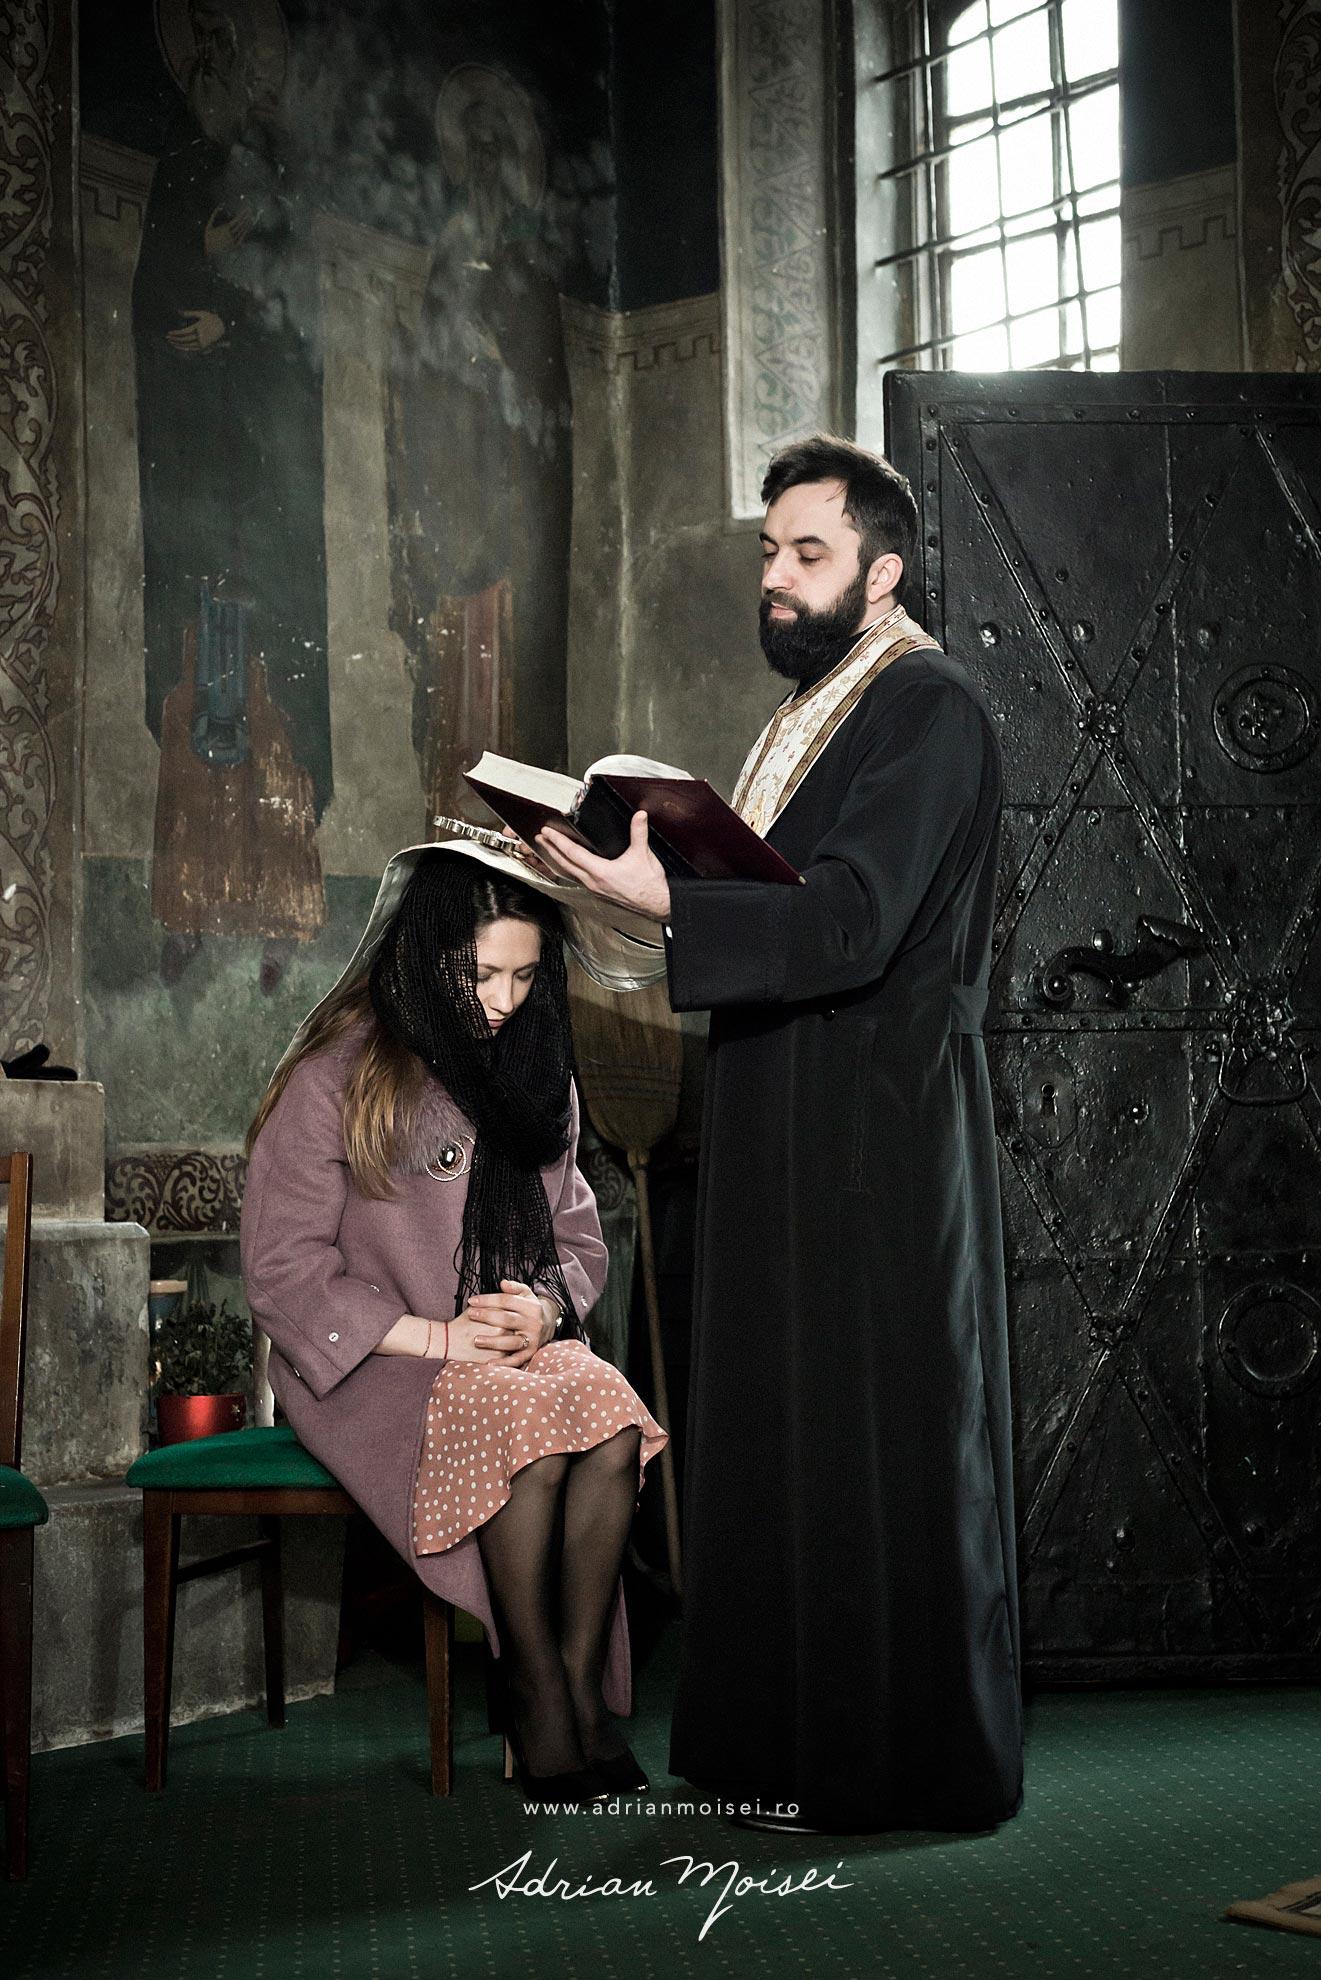 Fotografie de botez in culorile fericirii, in Iași la biserica Sfântul Ioan Zlataust, fotograf de botez Iasi, Adrian Moisei, fotografie de familie